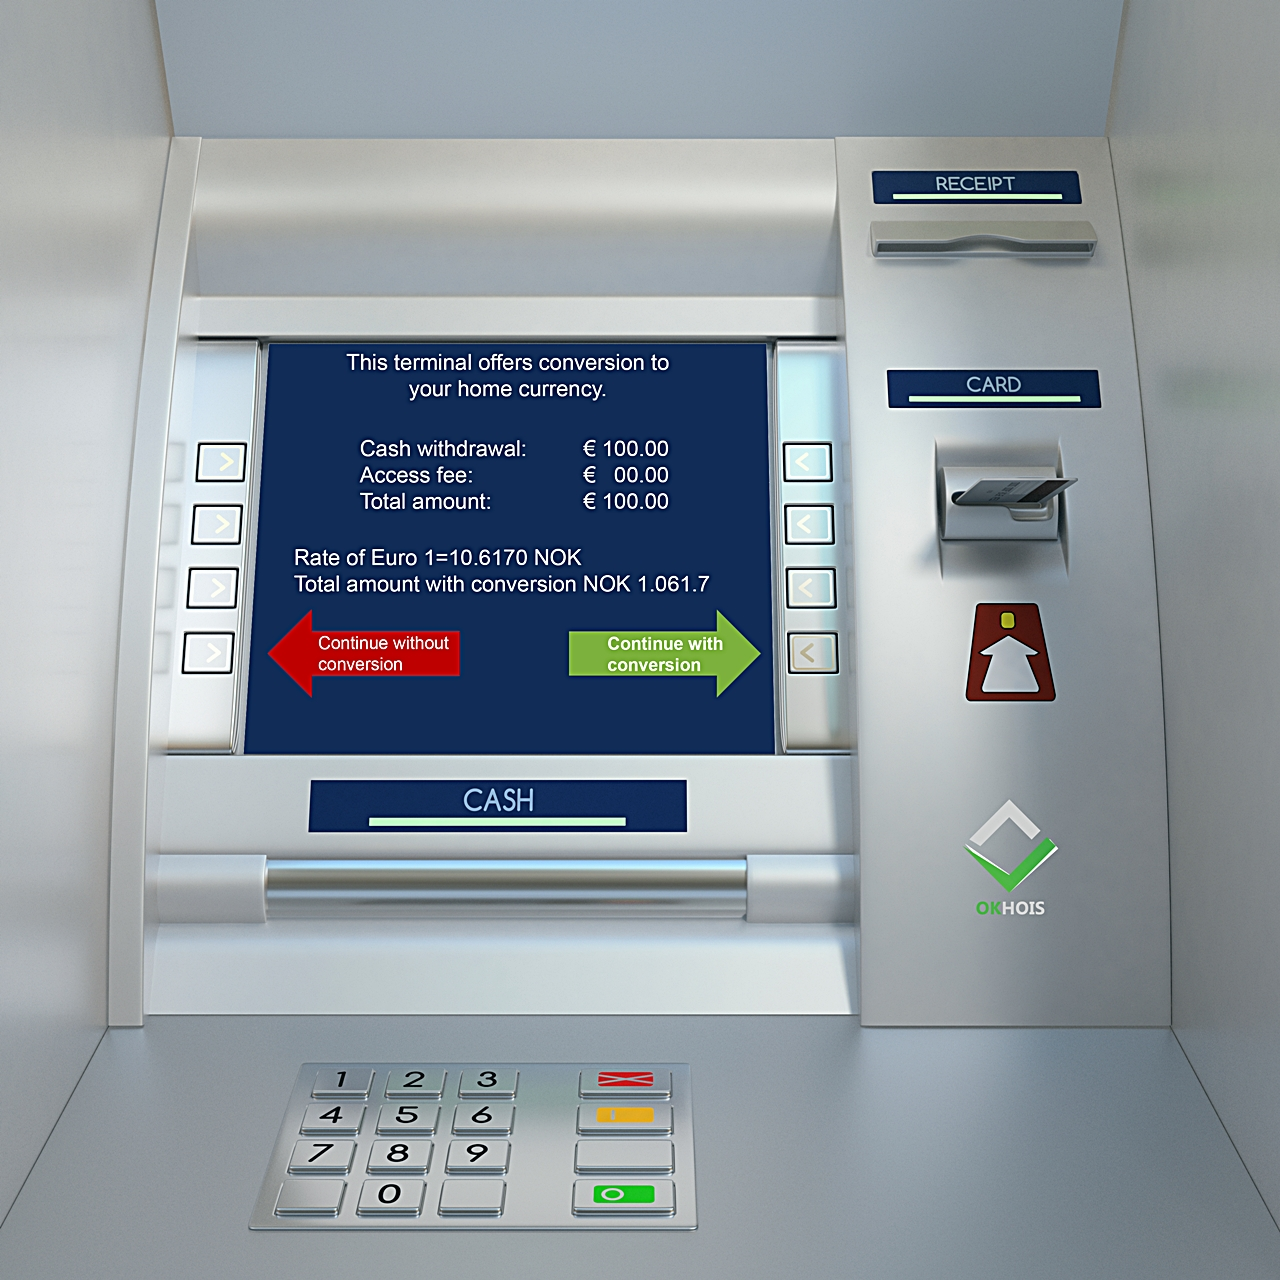 Atm machine - minibank - utlandet - Sparebanken Vest